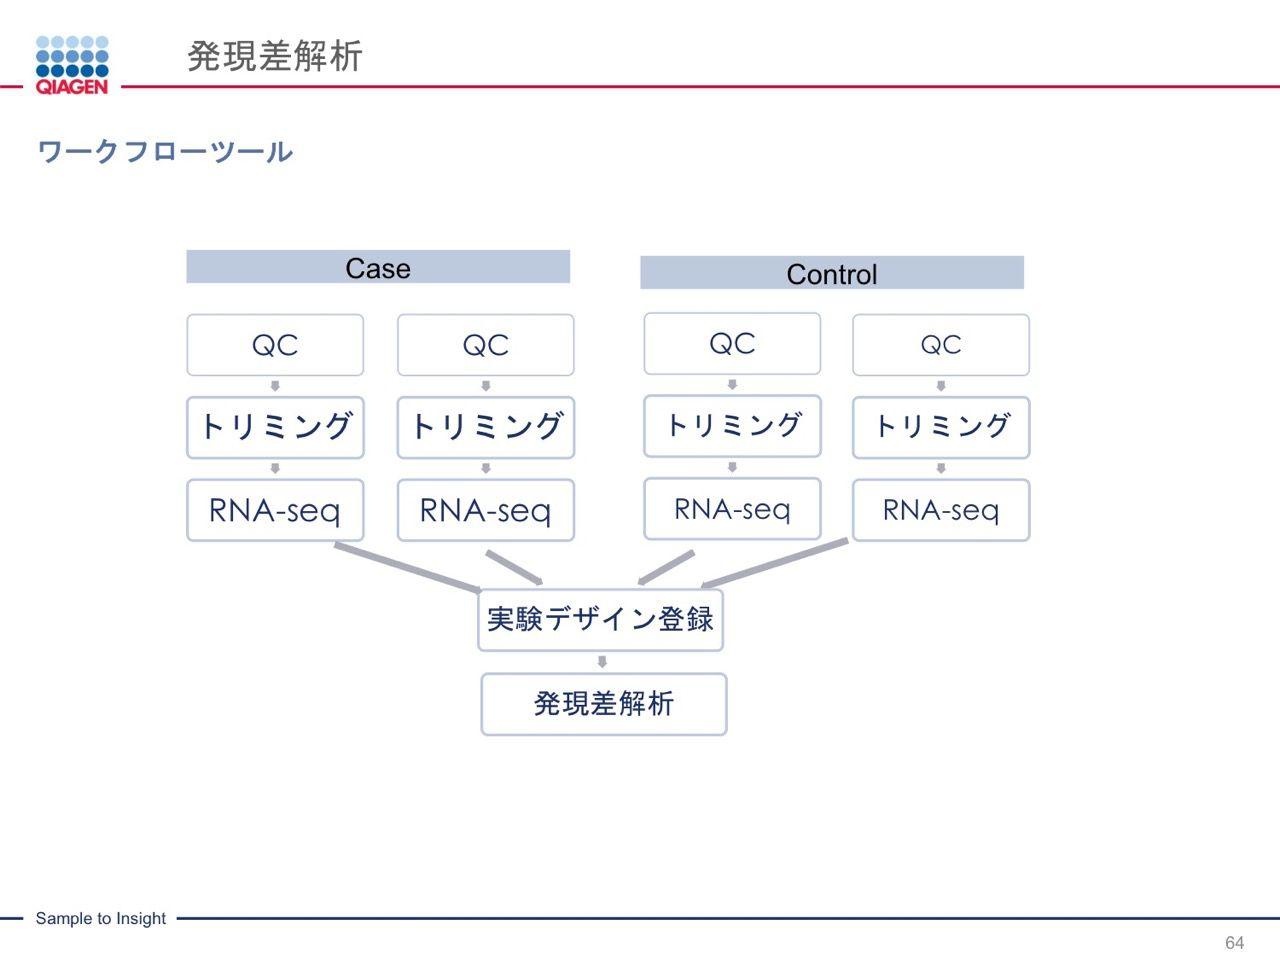 images/AJACSa2_miyamoto_064.jpg